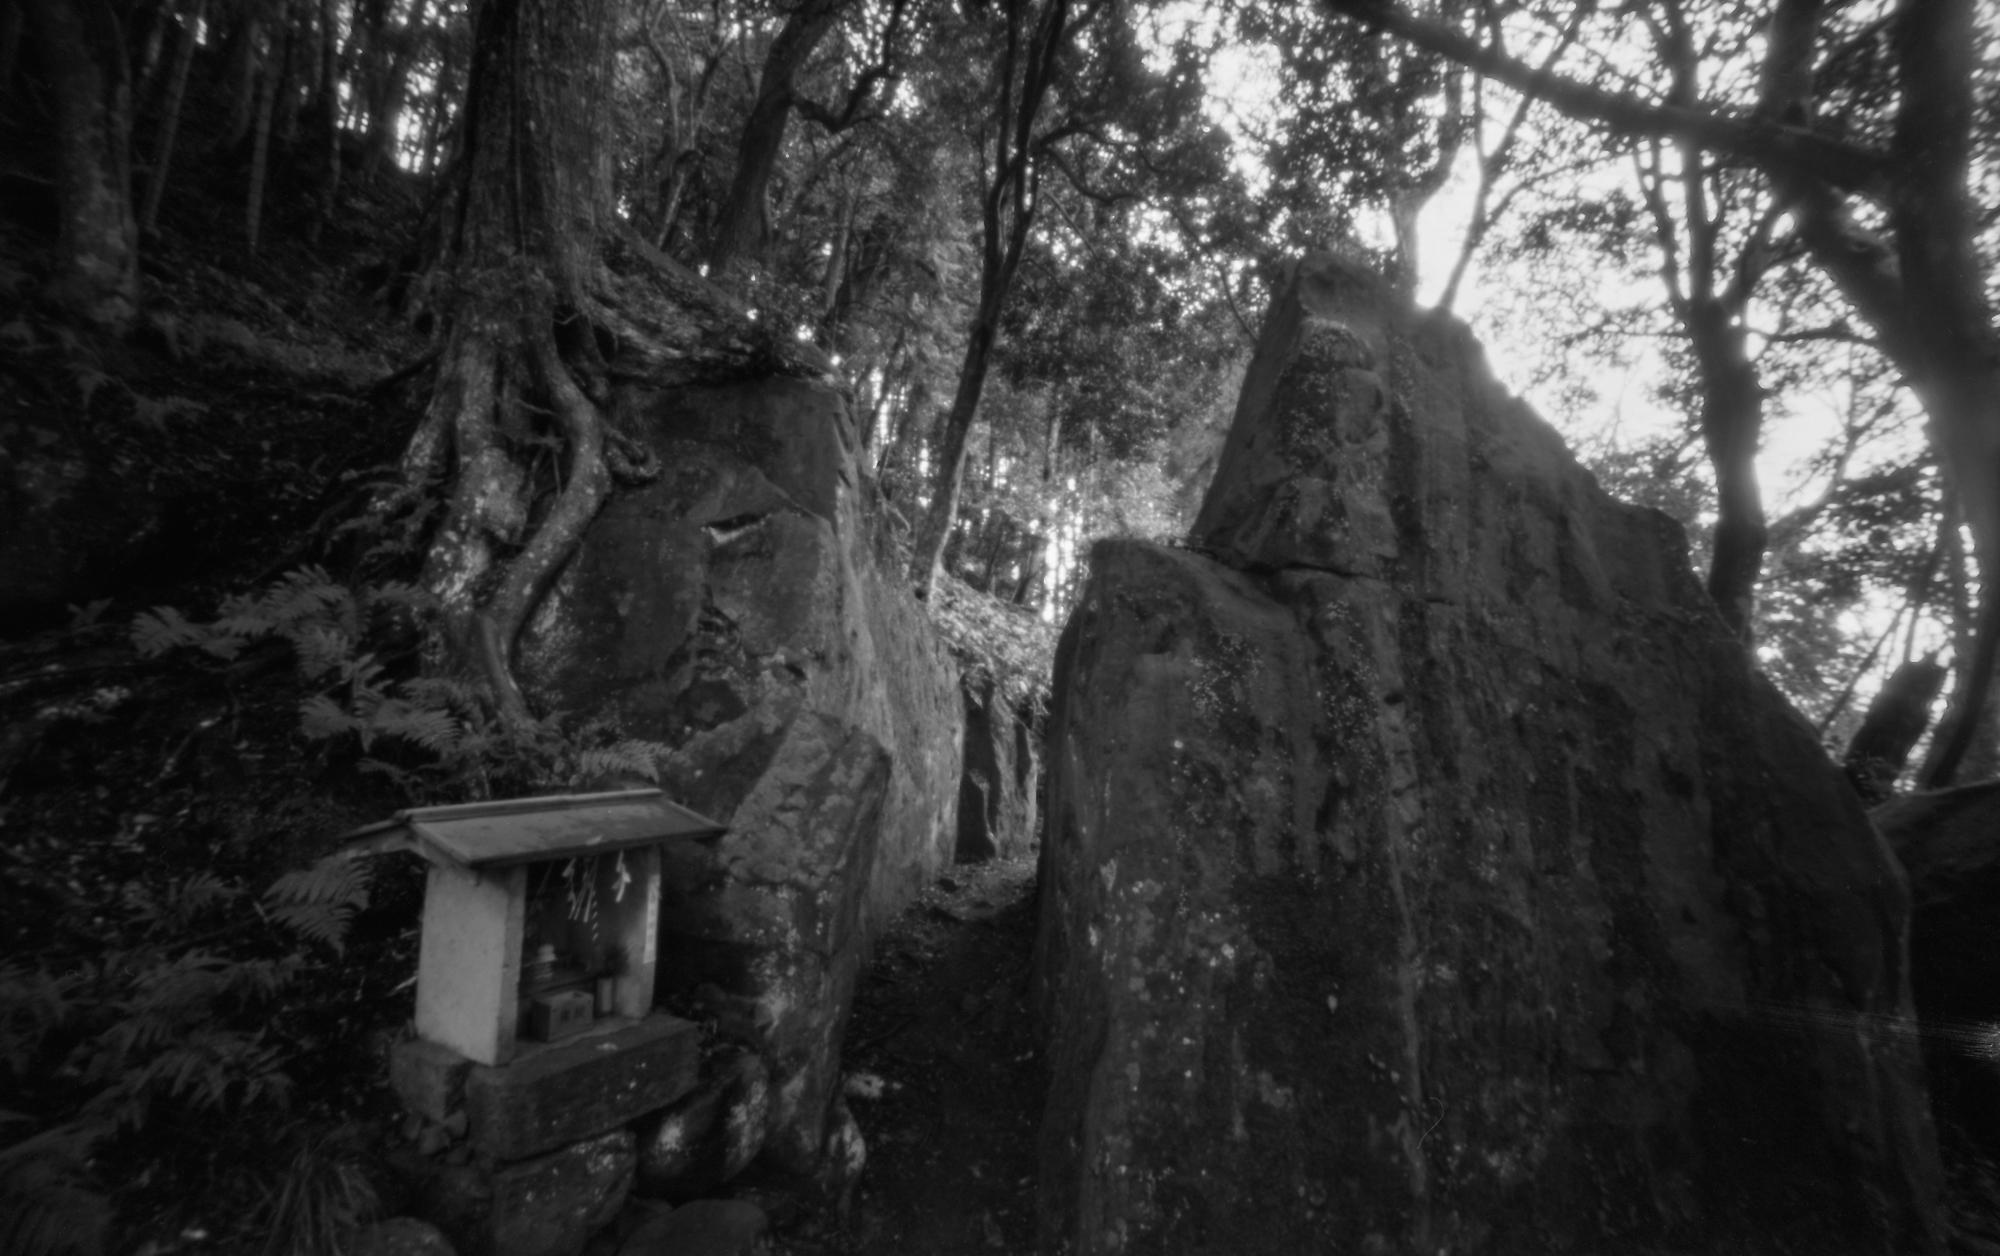 神谷太刀宮神社(久美浜)